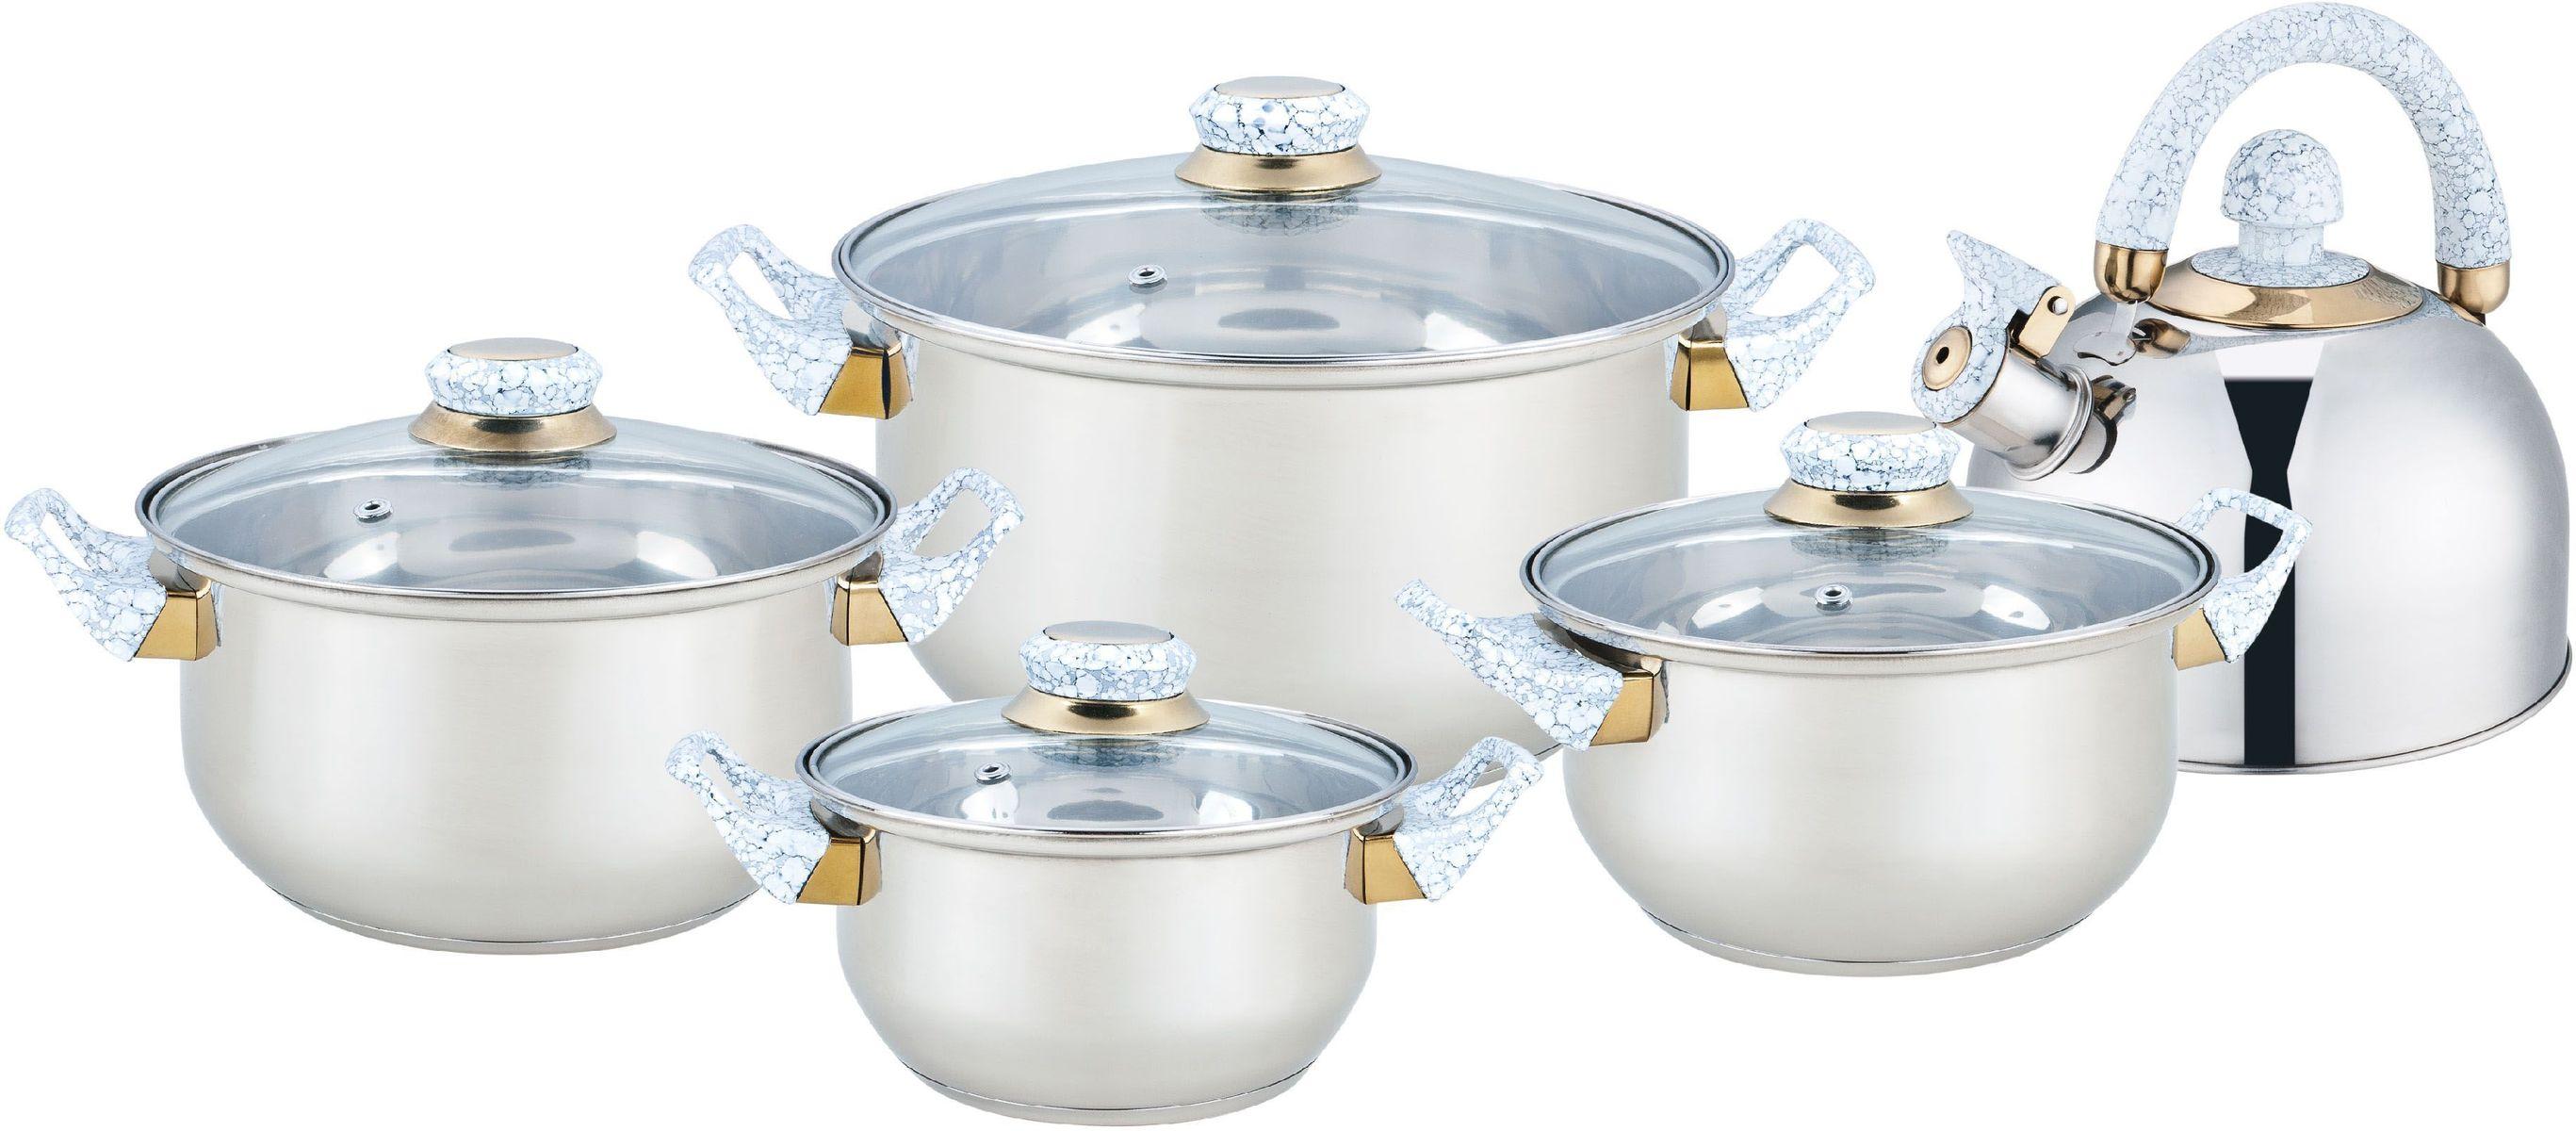 Набор посуды Bekker Classic, 9 предметов. BK-4601BK-46019 предметов: 4 кастрюли со стеклянными крышками : 16см/1,6л, 18см/2,4л, 20см/2,8л, 24см/5,6л и чайник метал.со свистком 2л. Ручки бакелитовые под мрамор, поверхность зеркальная, капсулированное дно, толщина стенки 0,3 мм, дна 1,0 мм. Подходит для чистки в посудомоечной машине. Состав: нержавеющая сталь.